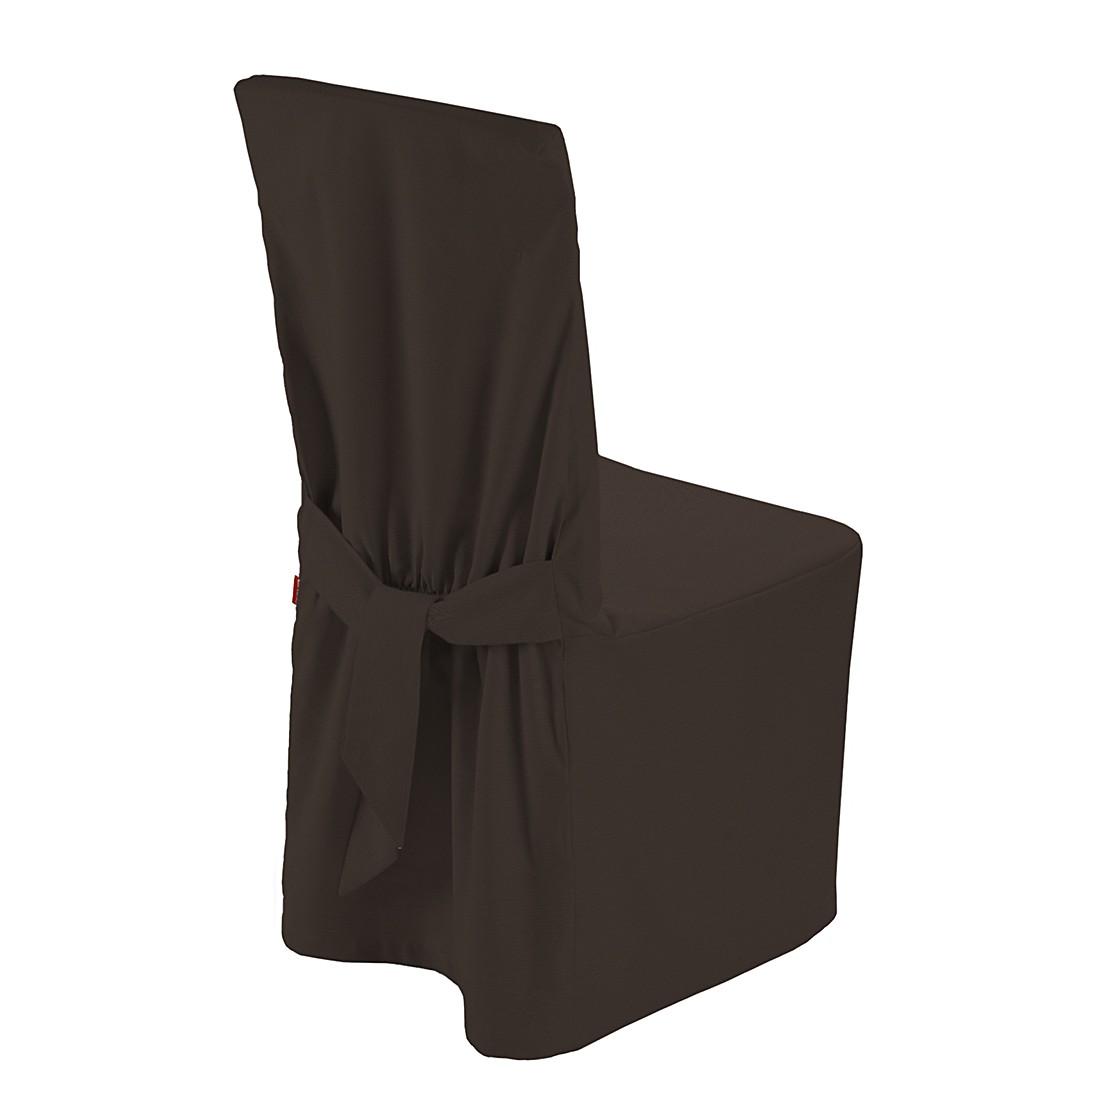 Home 24 - Housse de chaise cotton panama - marron foncé, dekoria